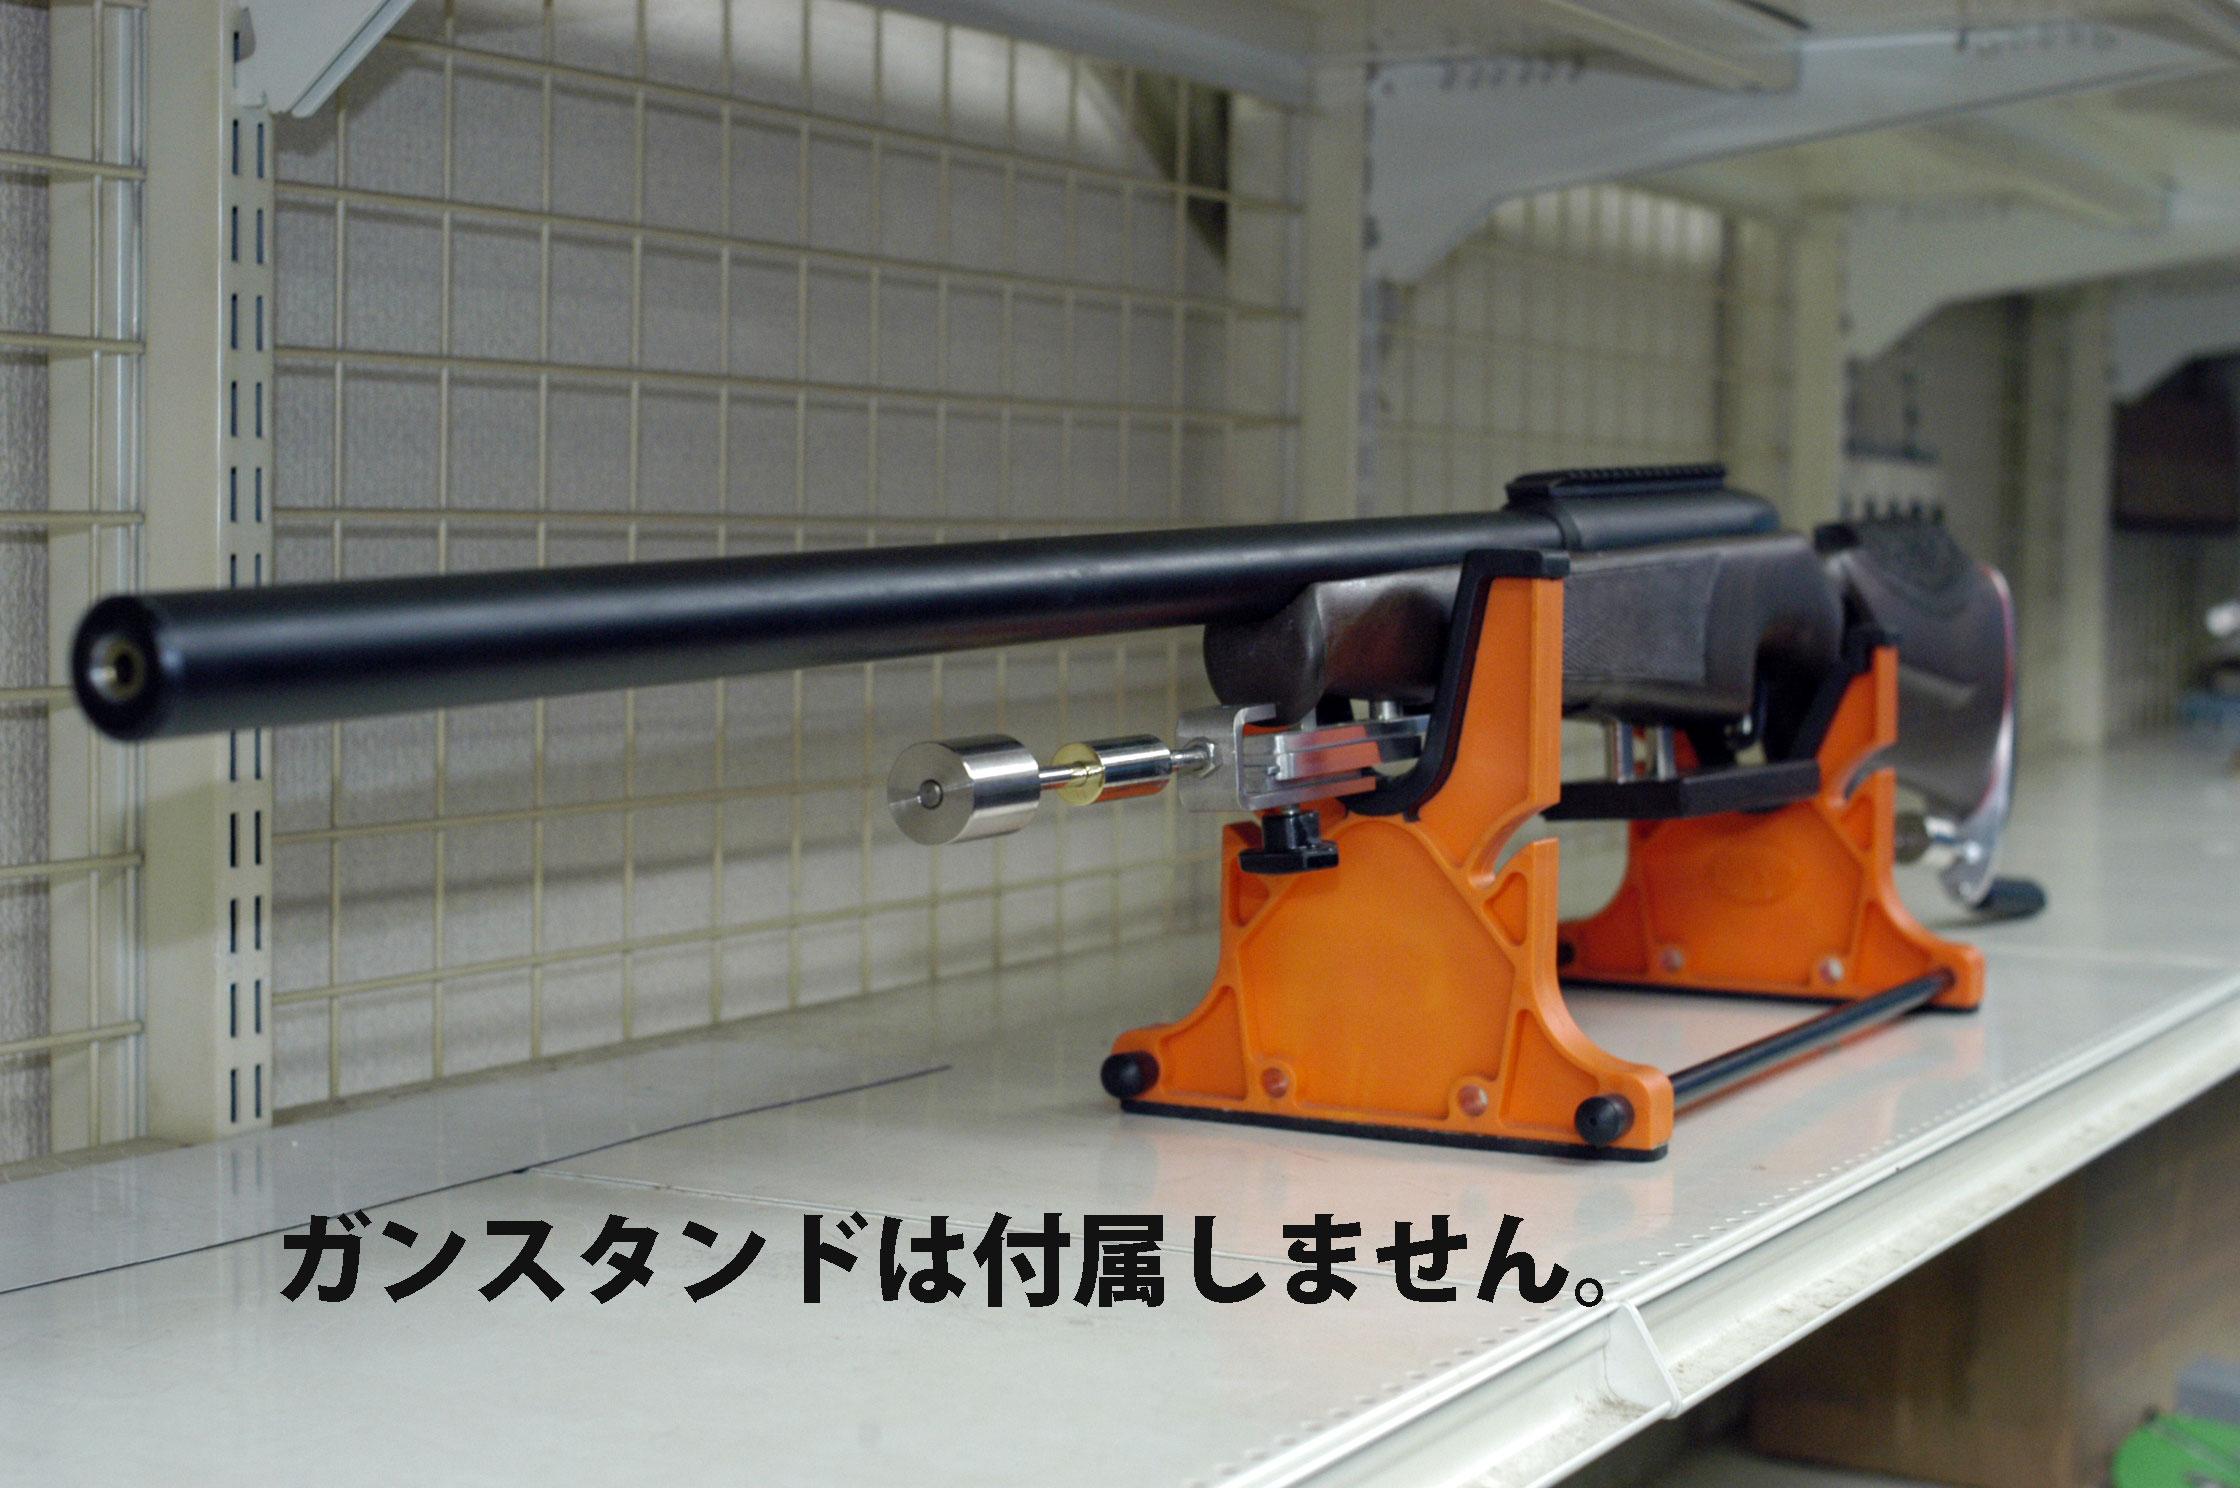 APS-2サムホールストック競技用カスタム